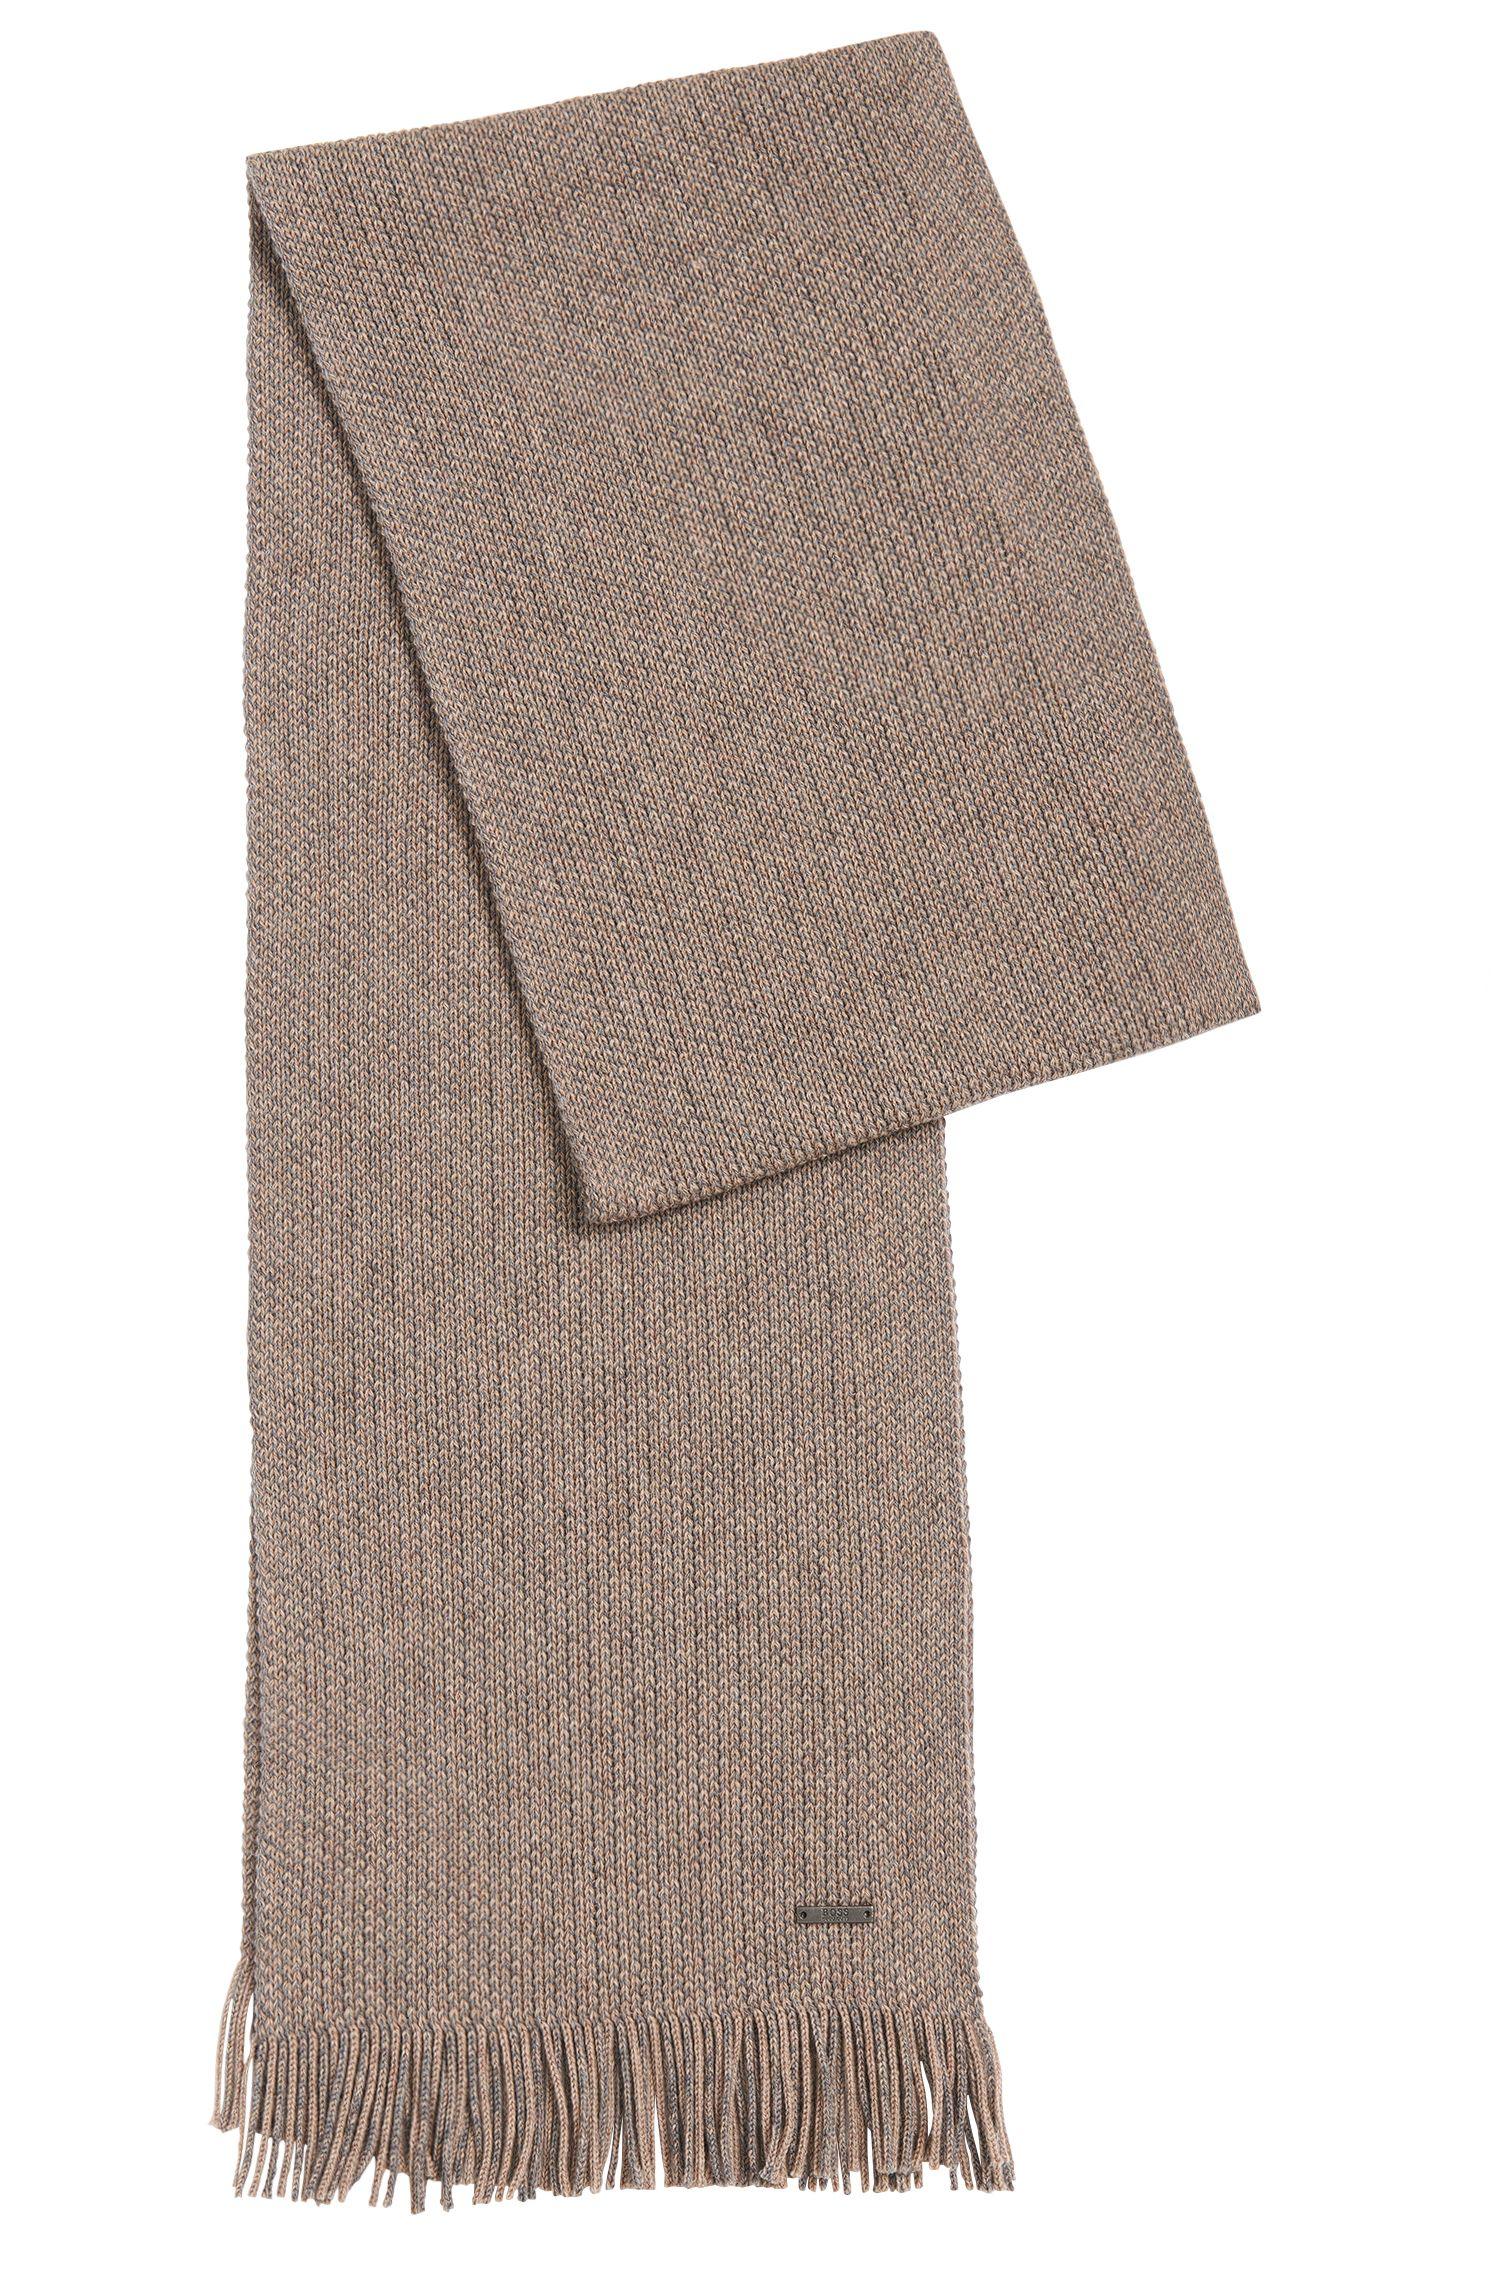 Fijngemêleerde sjaal van scheerwol: 'Maroso'